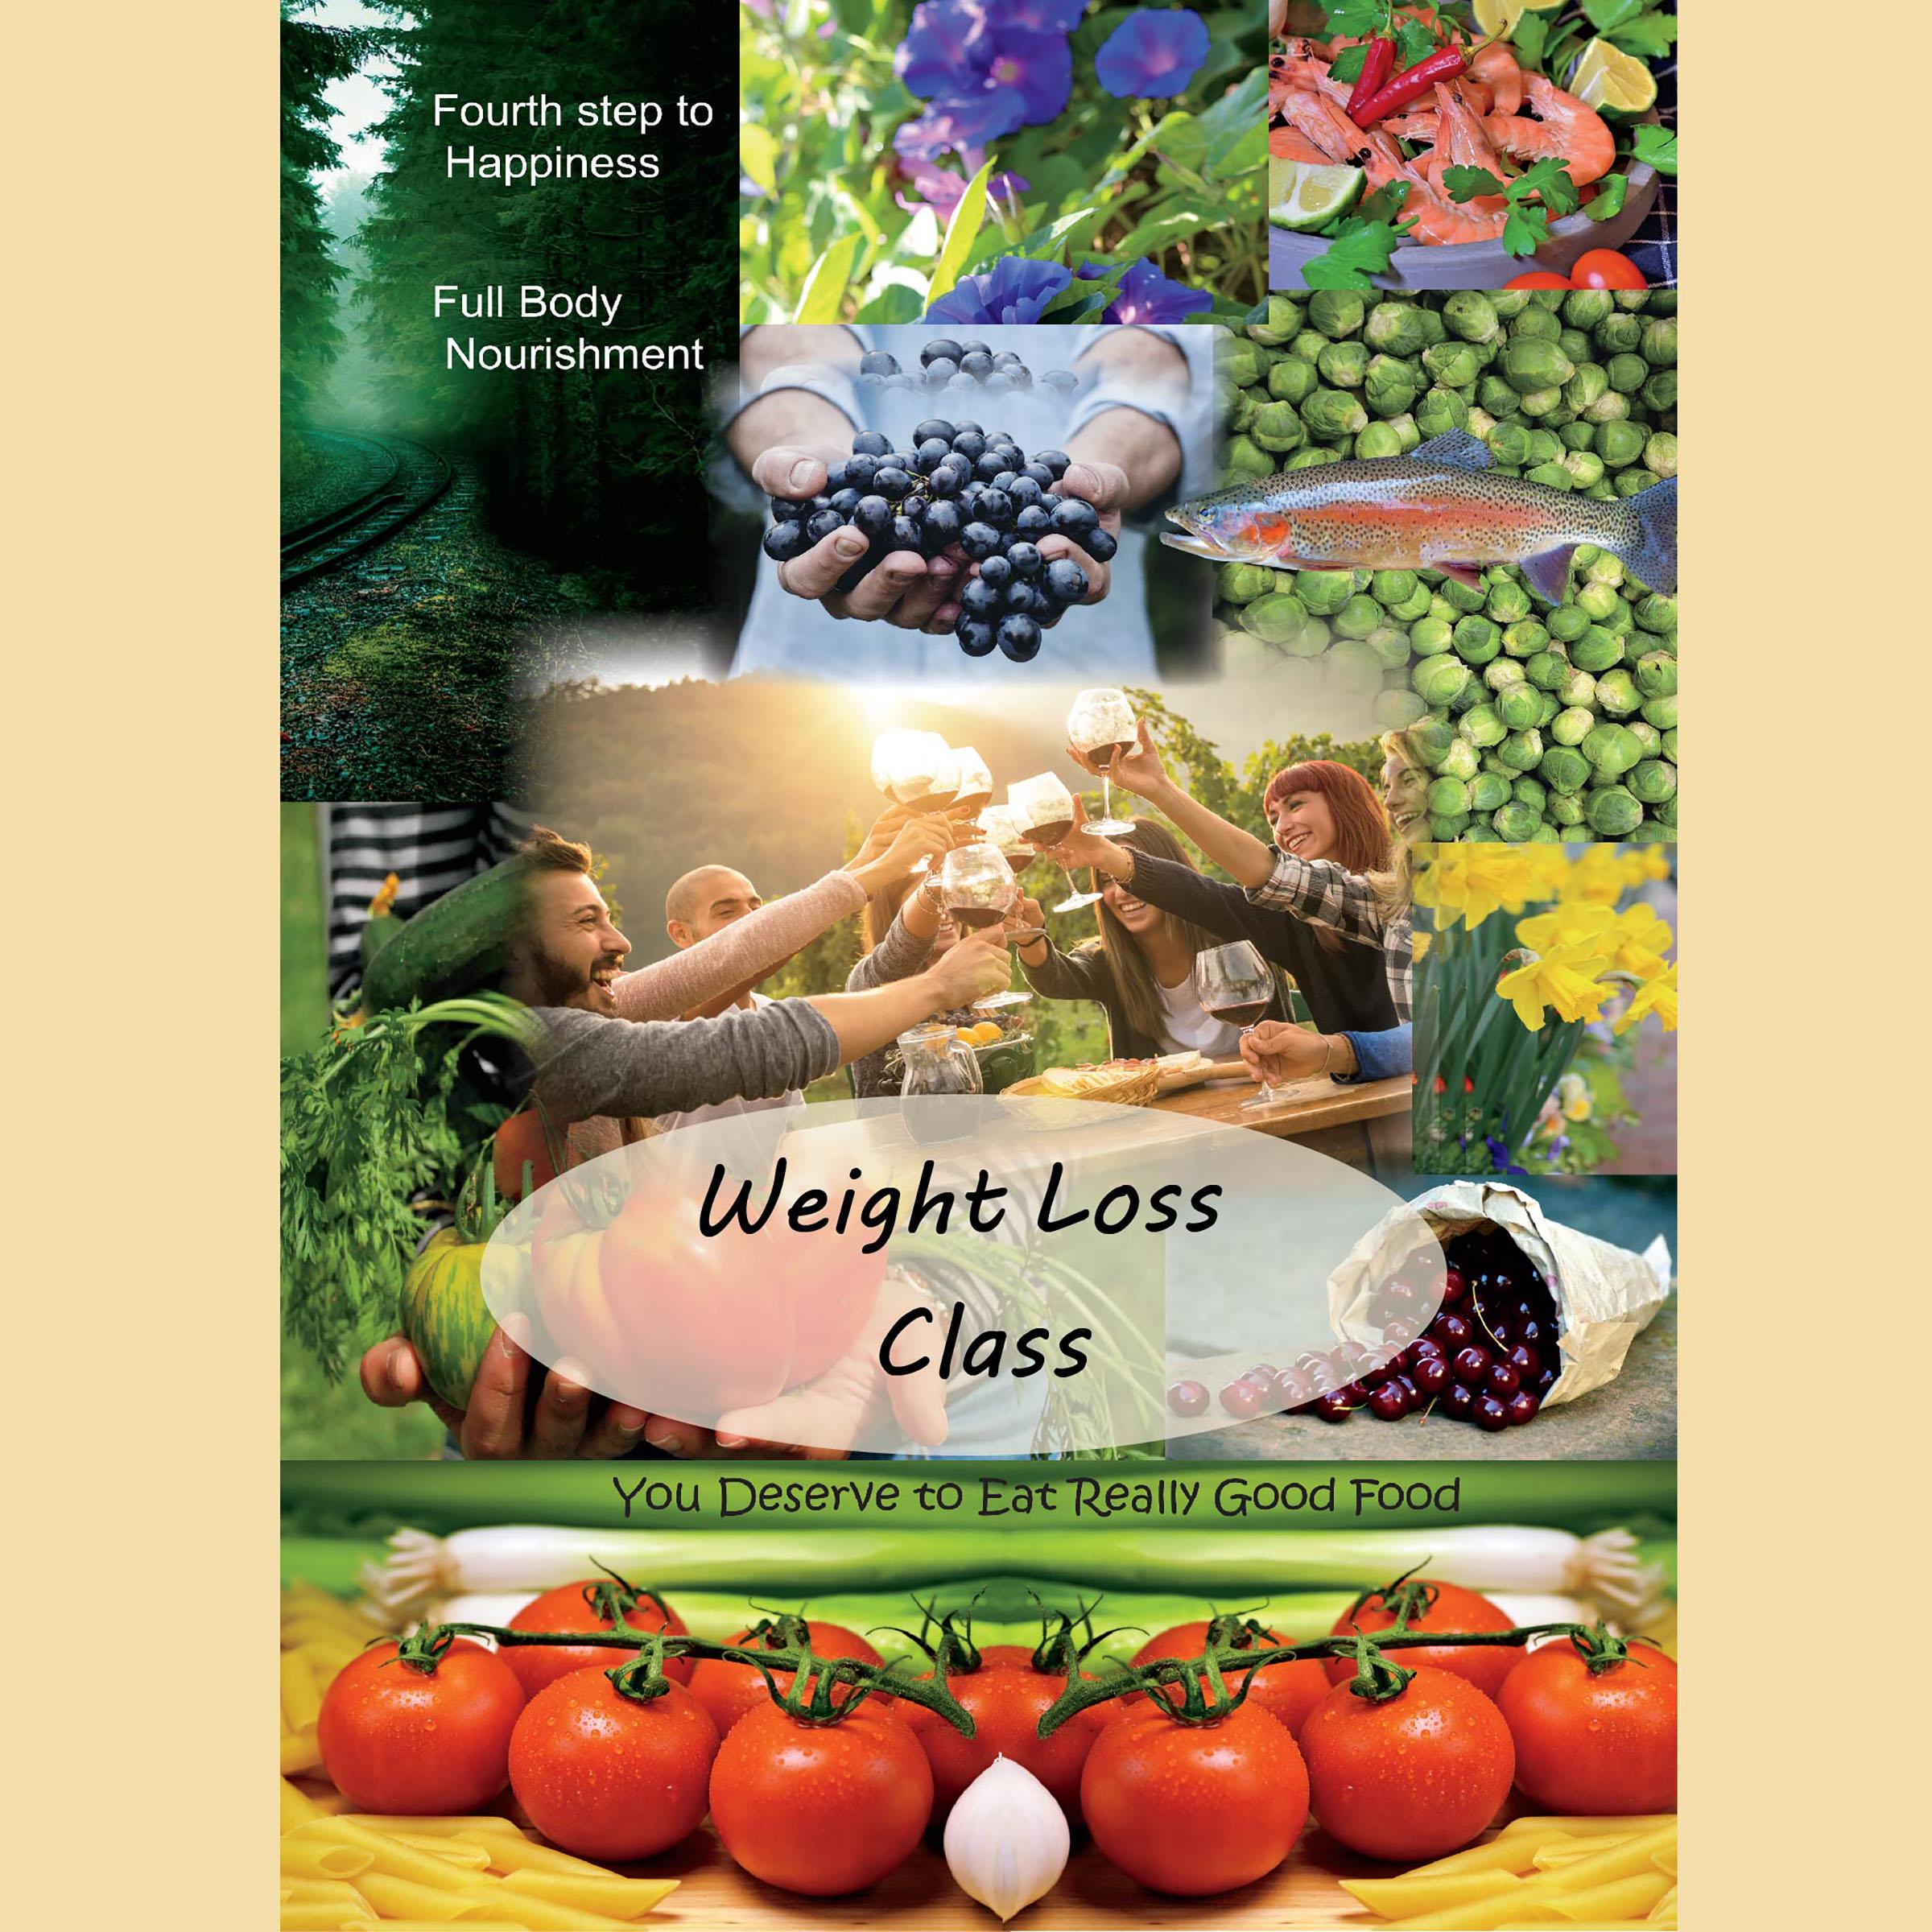 Weight Loss Class_sized.jpg